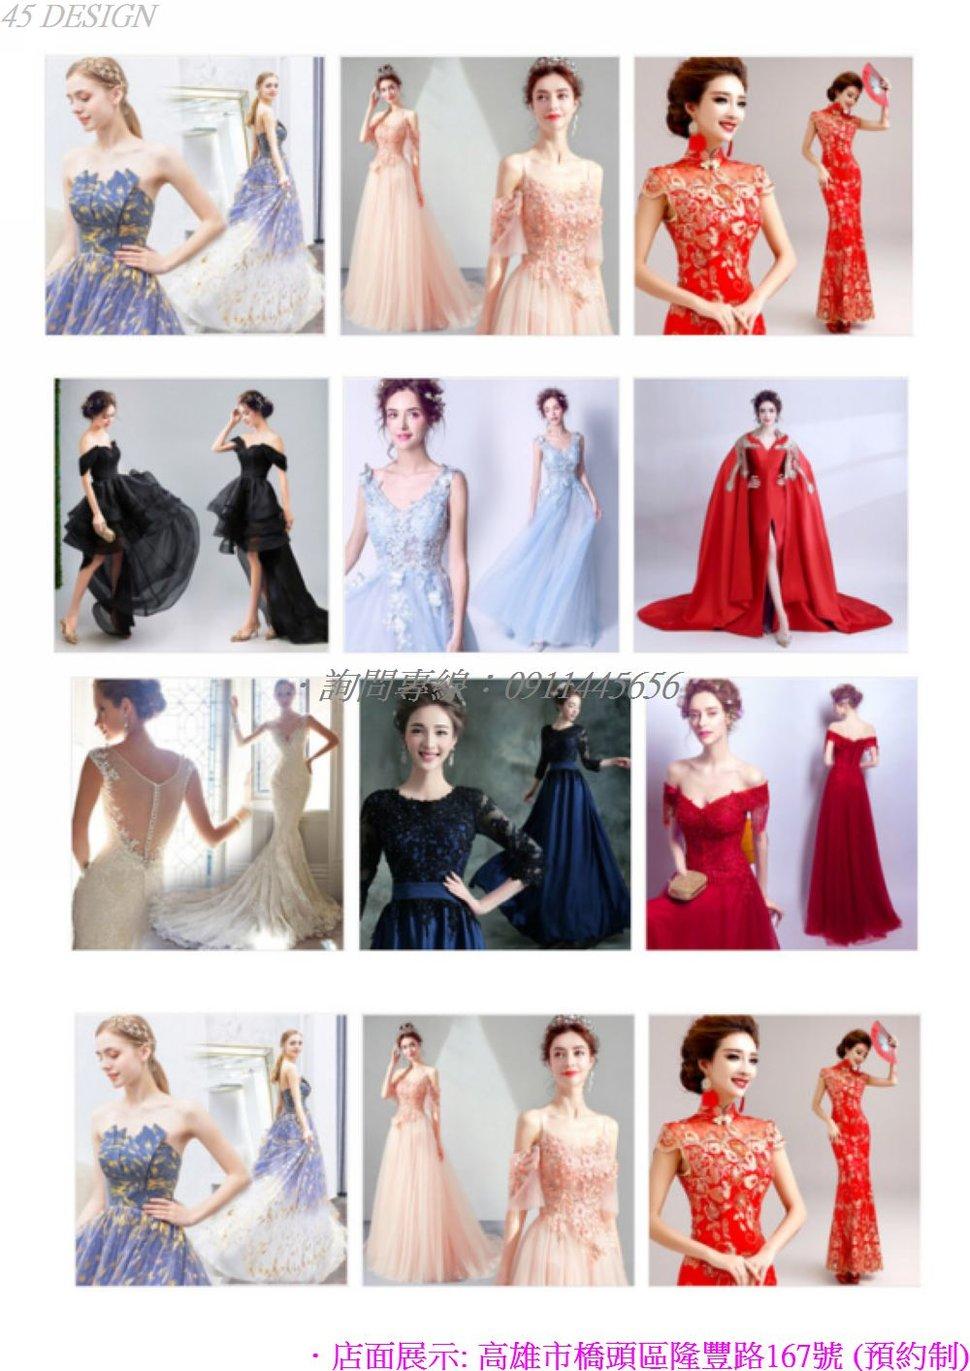 msl190815FF3635321AF6449392945F79CD16EFE2 - 全台最便宜-45DESIGN四五婚紗禮服《結婚吧》